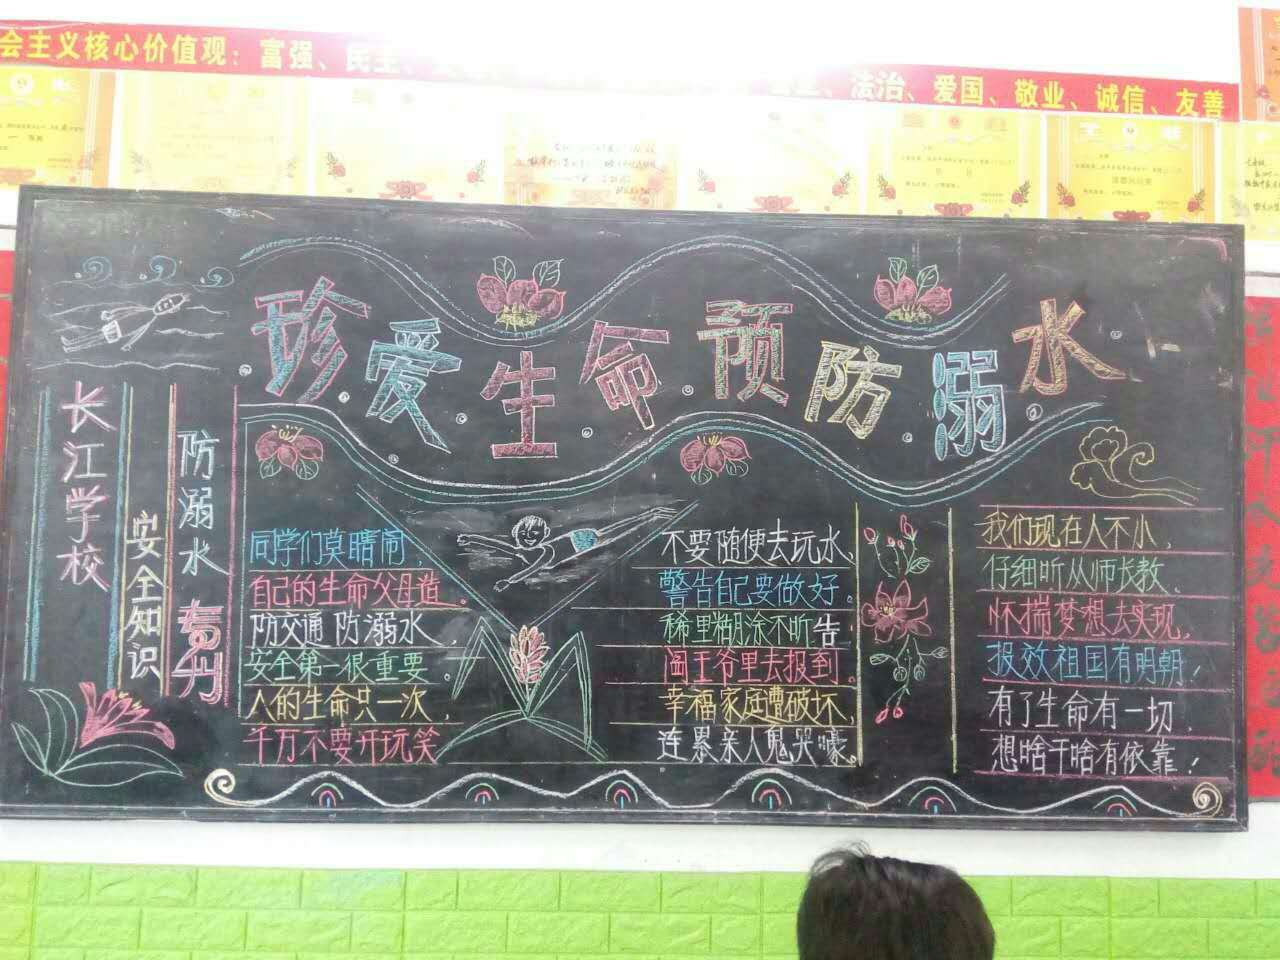 预防学生溺水,琼海长江学校一直这样做。。。